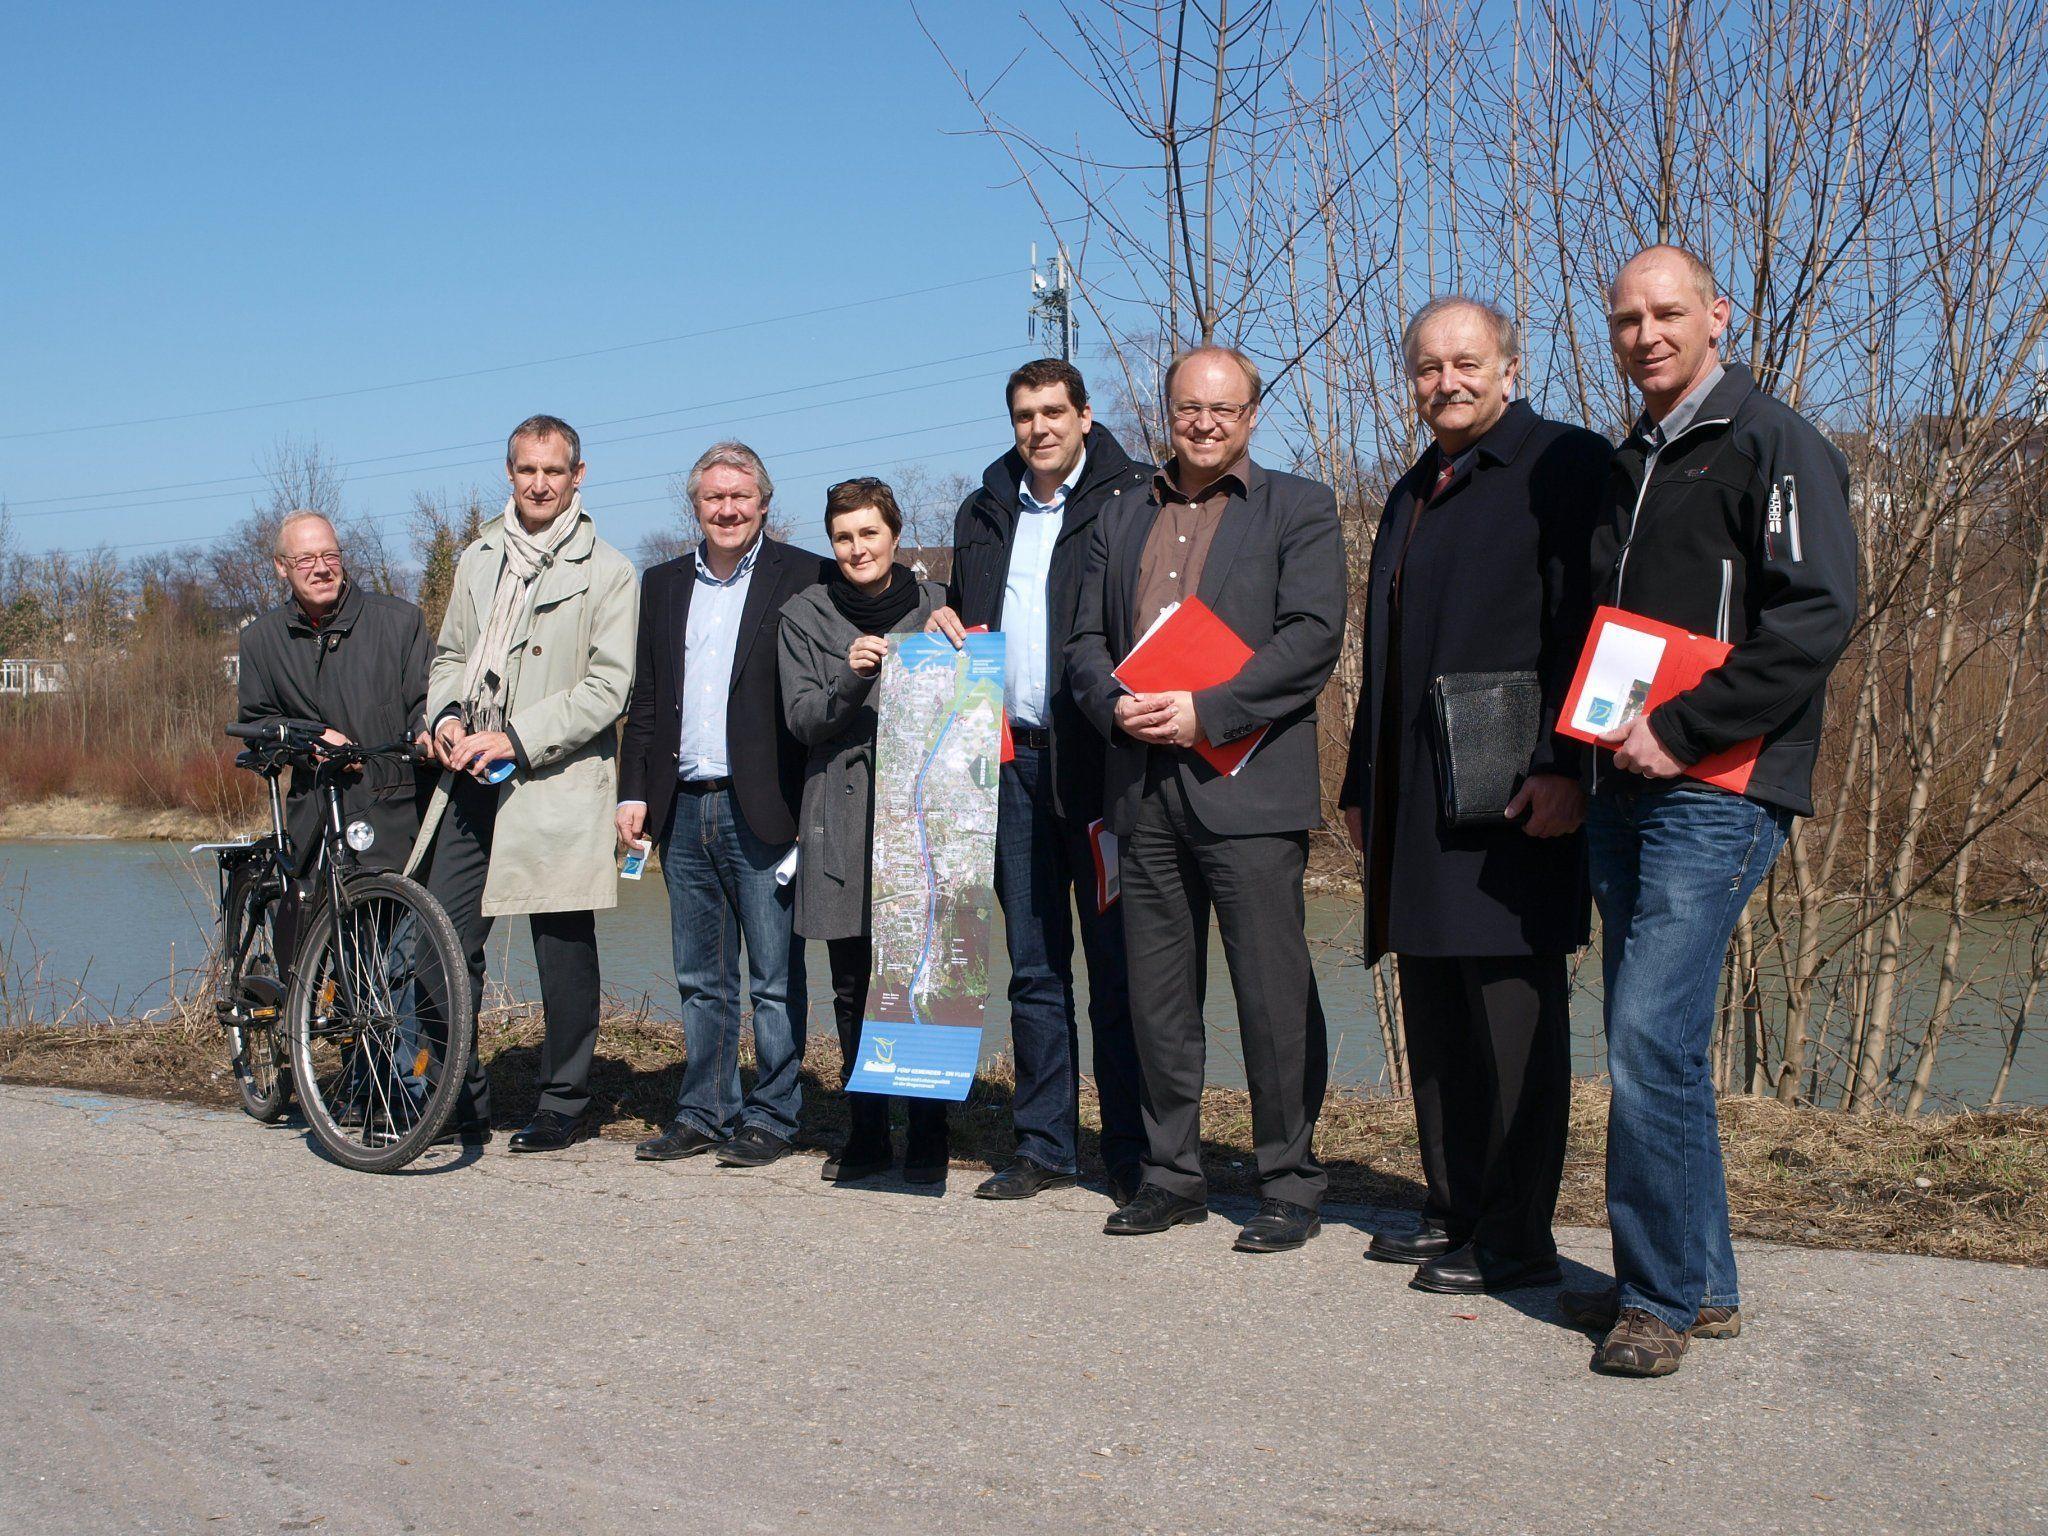 Die Vertreter der 5 Gemeinden bei der Präsentation des neuen Infofolders an der Bregenzerach.